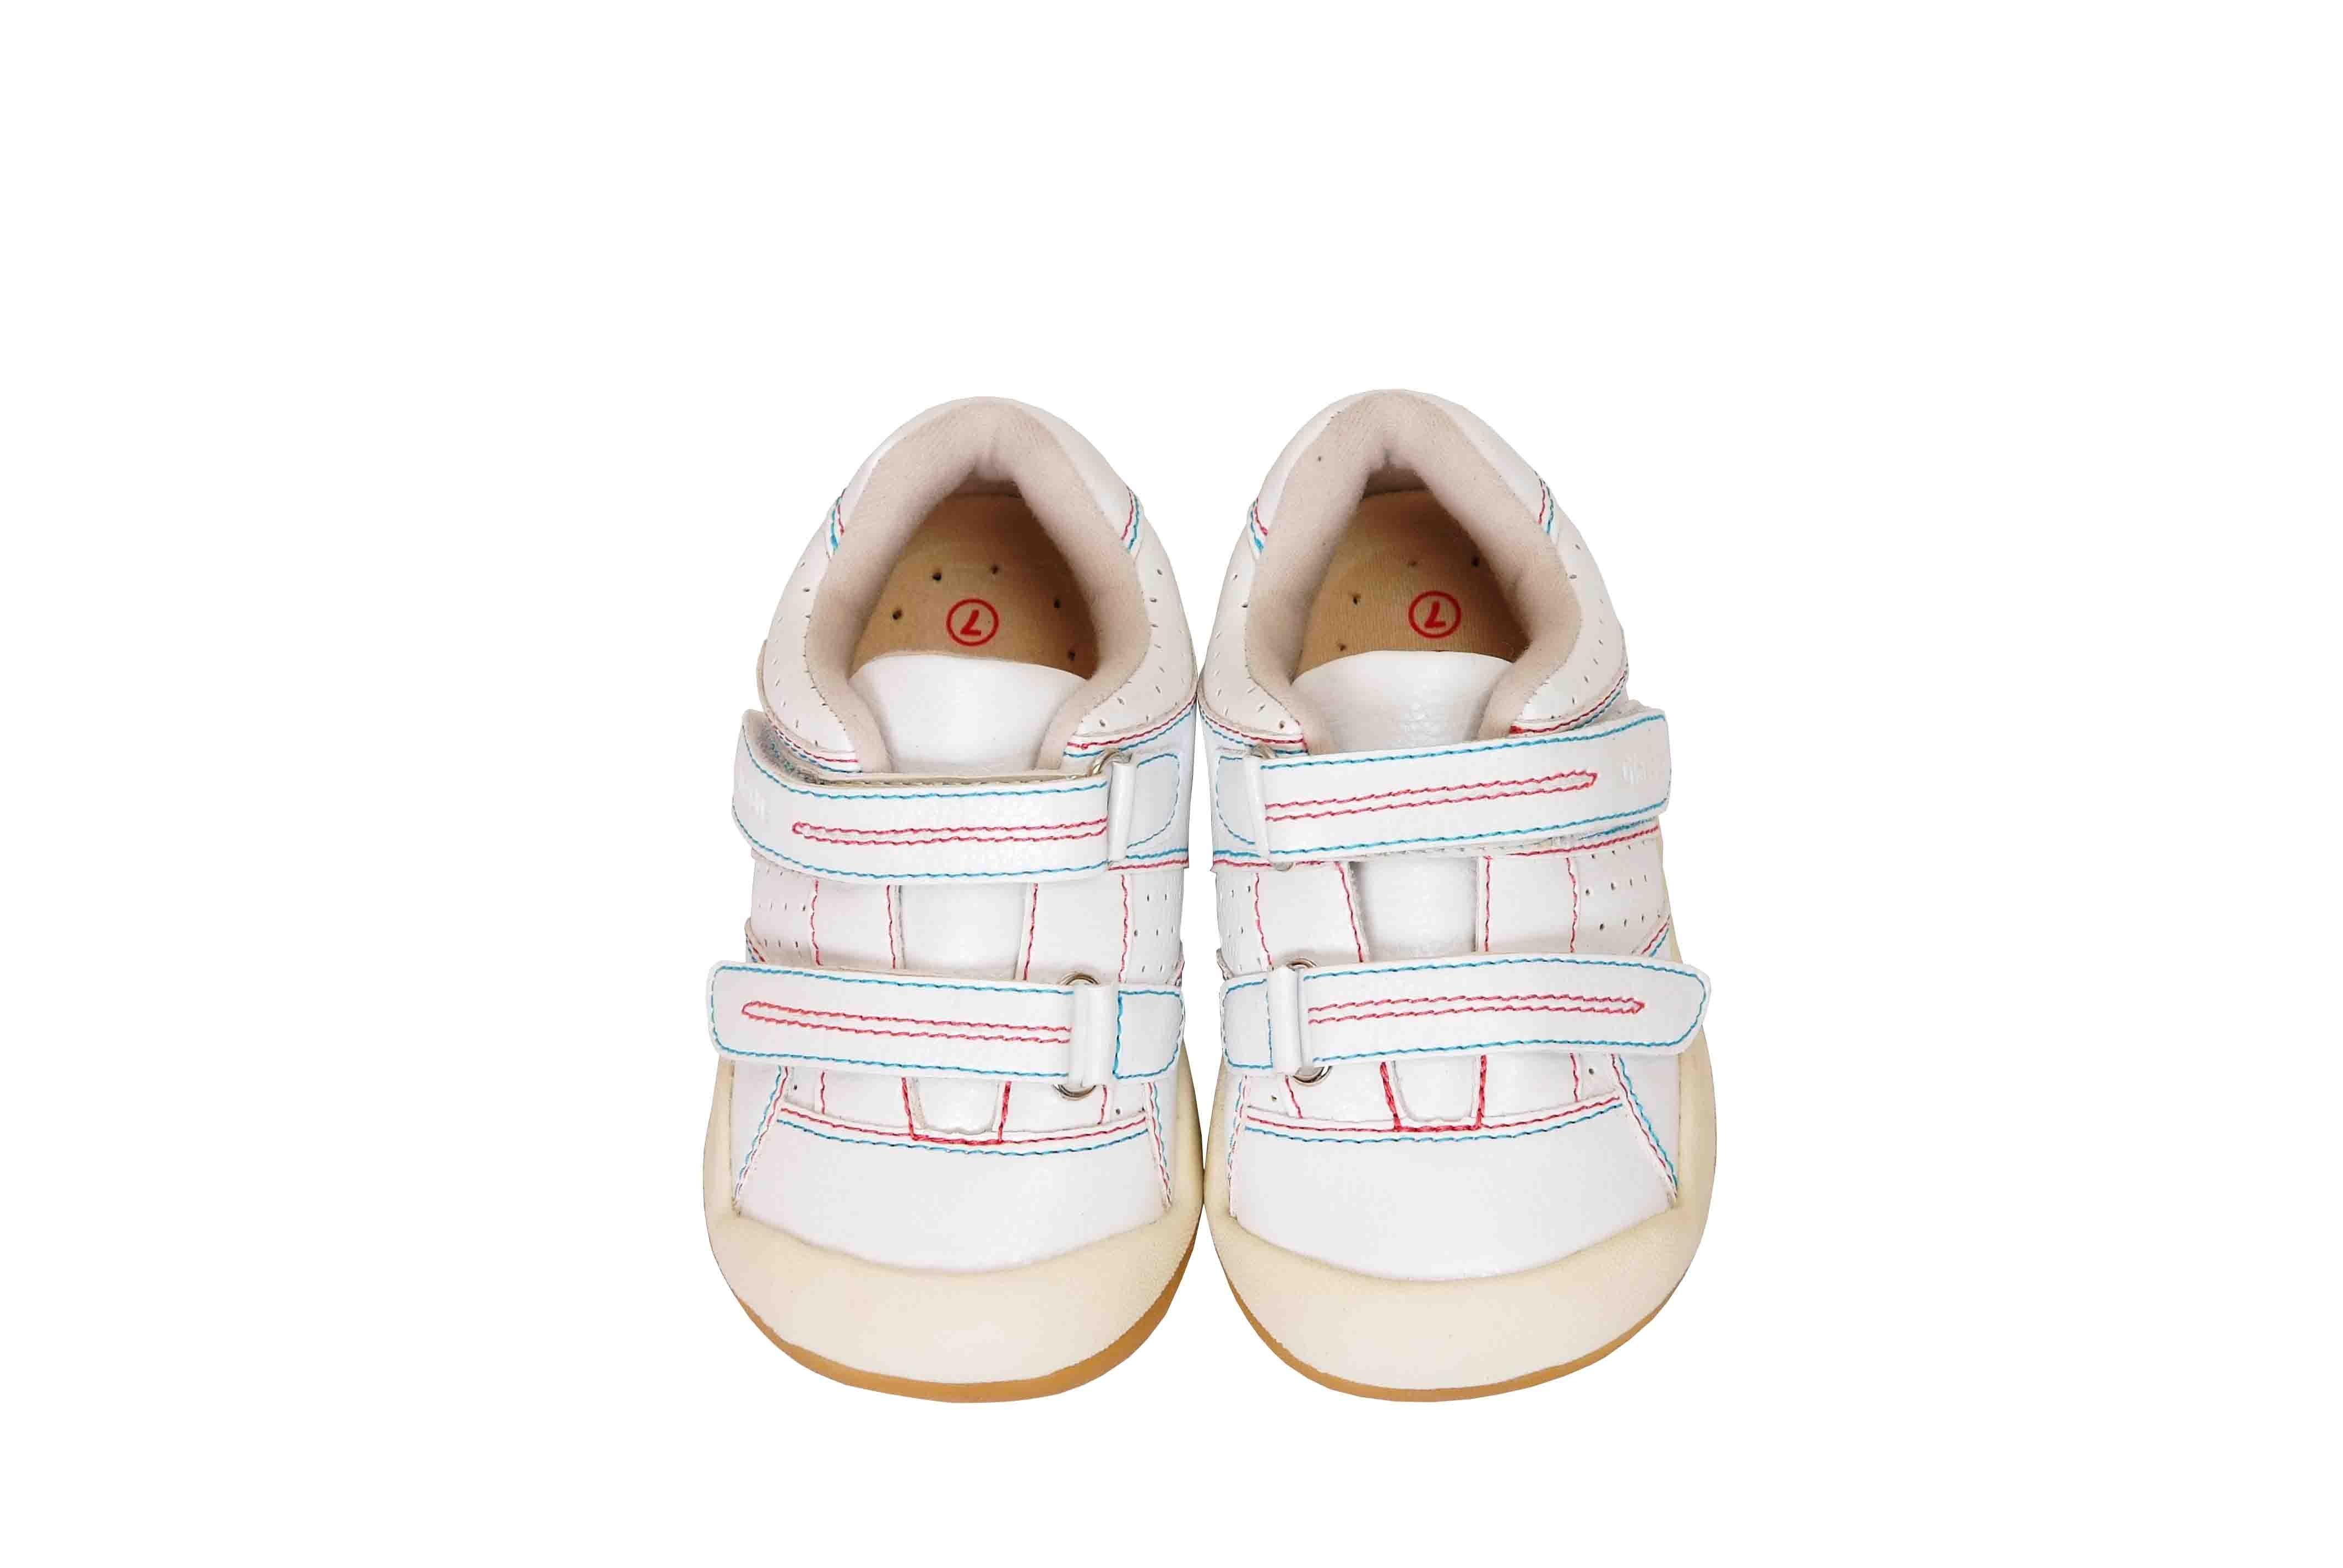 pin baby walking shoe 1 on